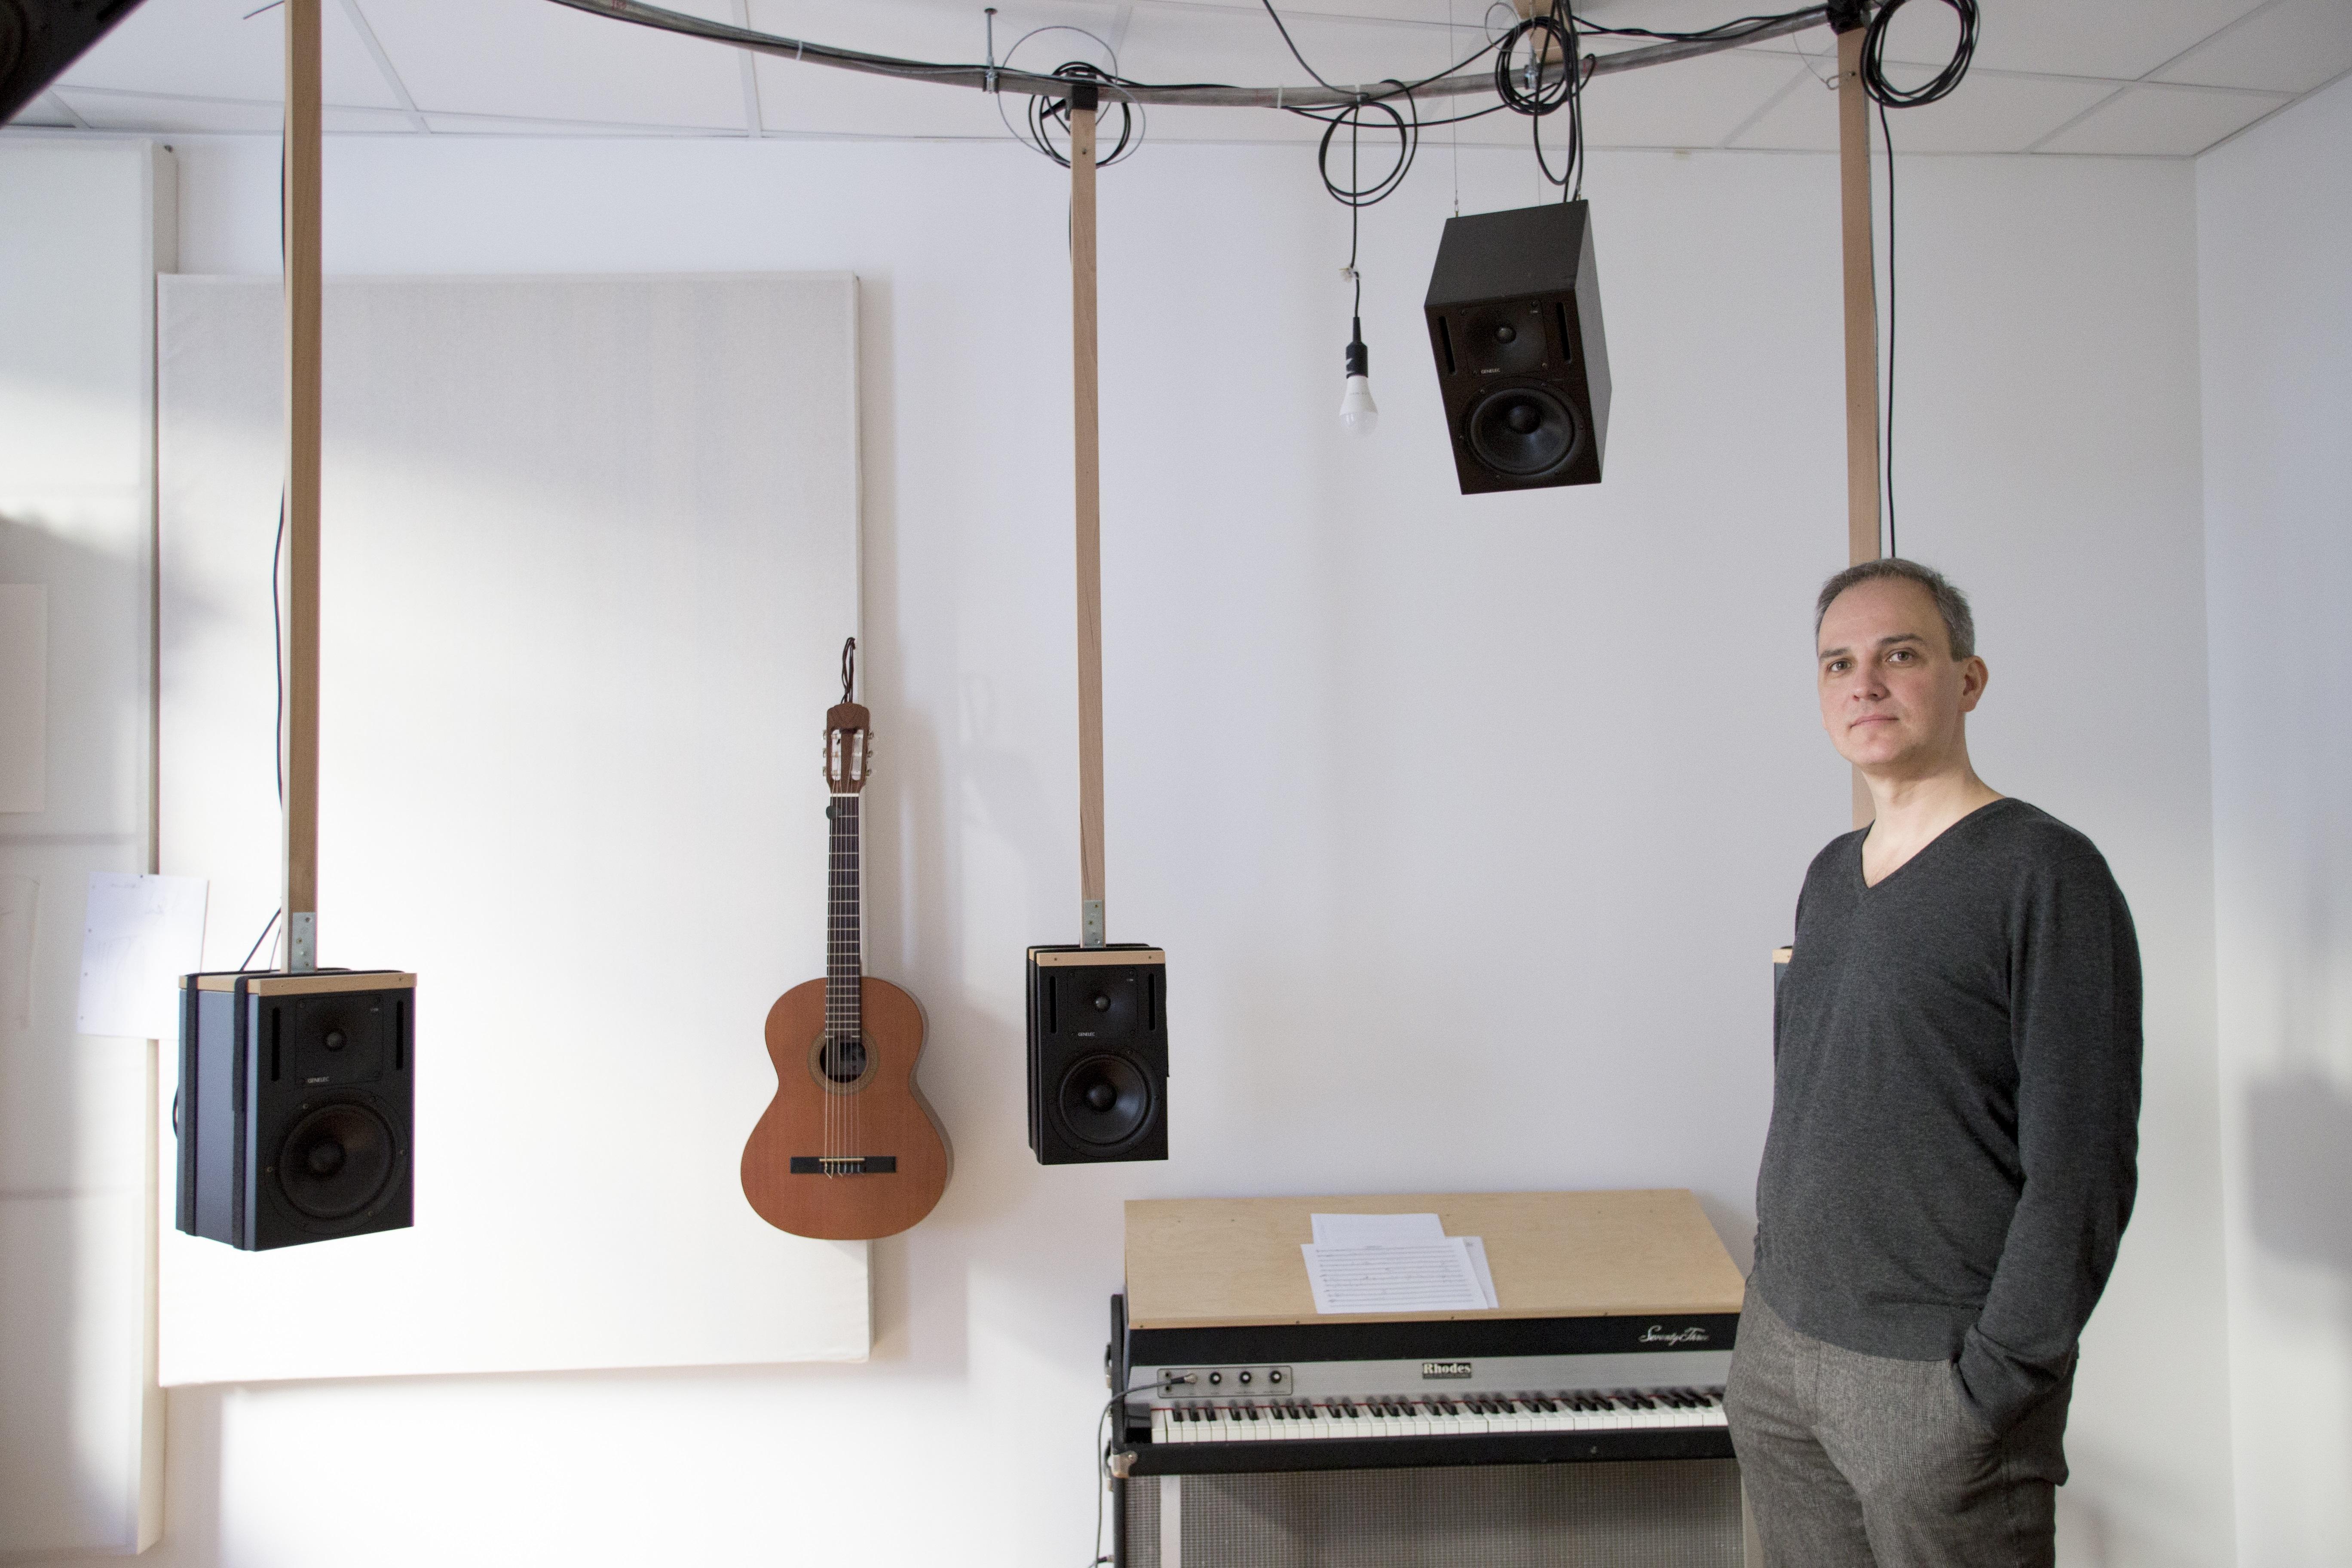 Рисунки в музыку. Аудиовизуальный проект Sometimes a Thousand Twangling Instruments на блокчейн